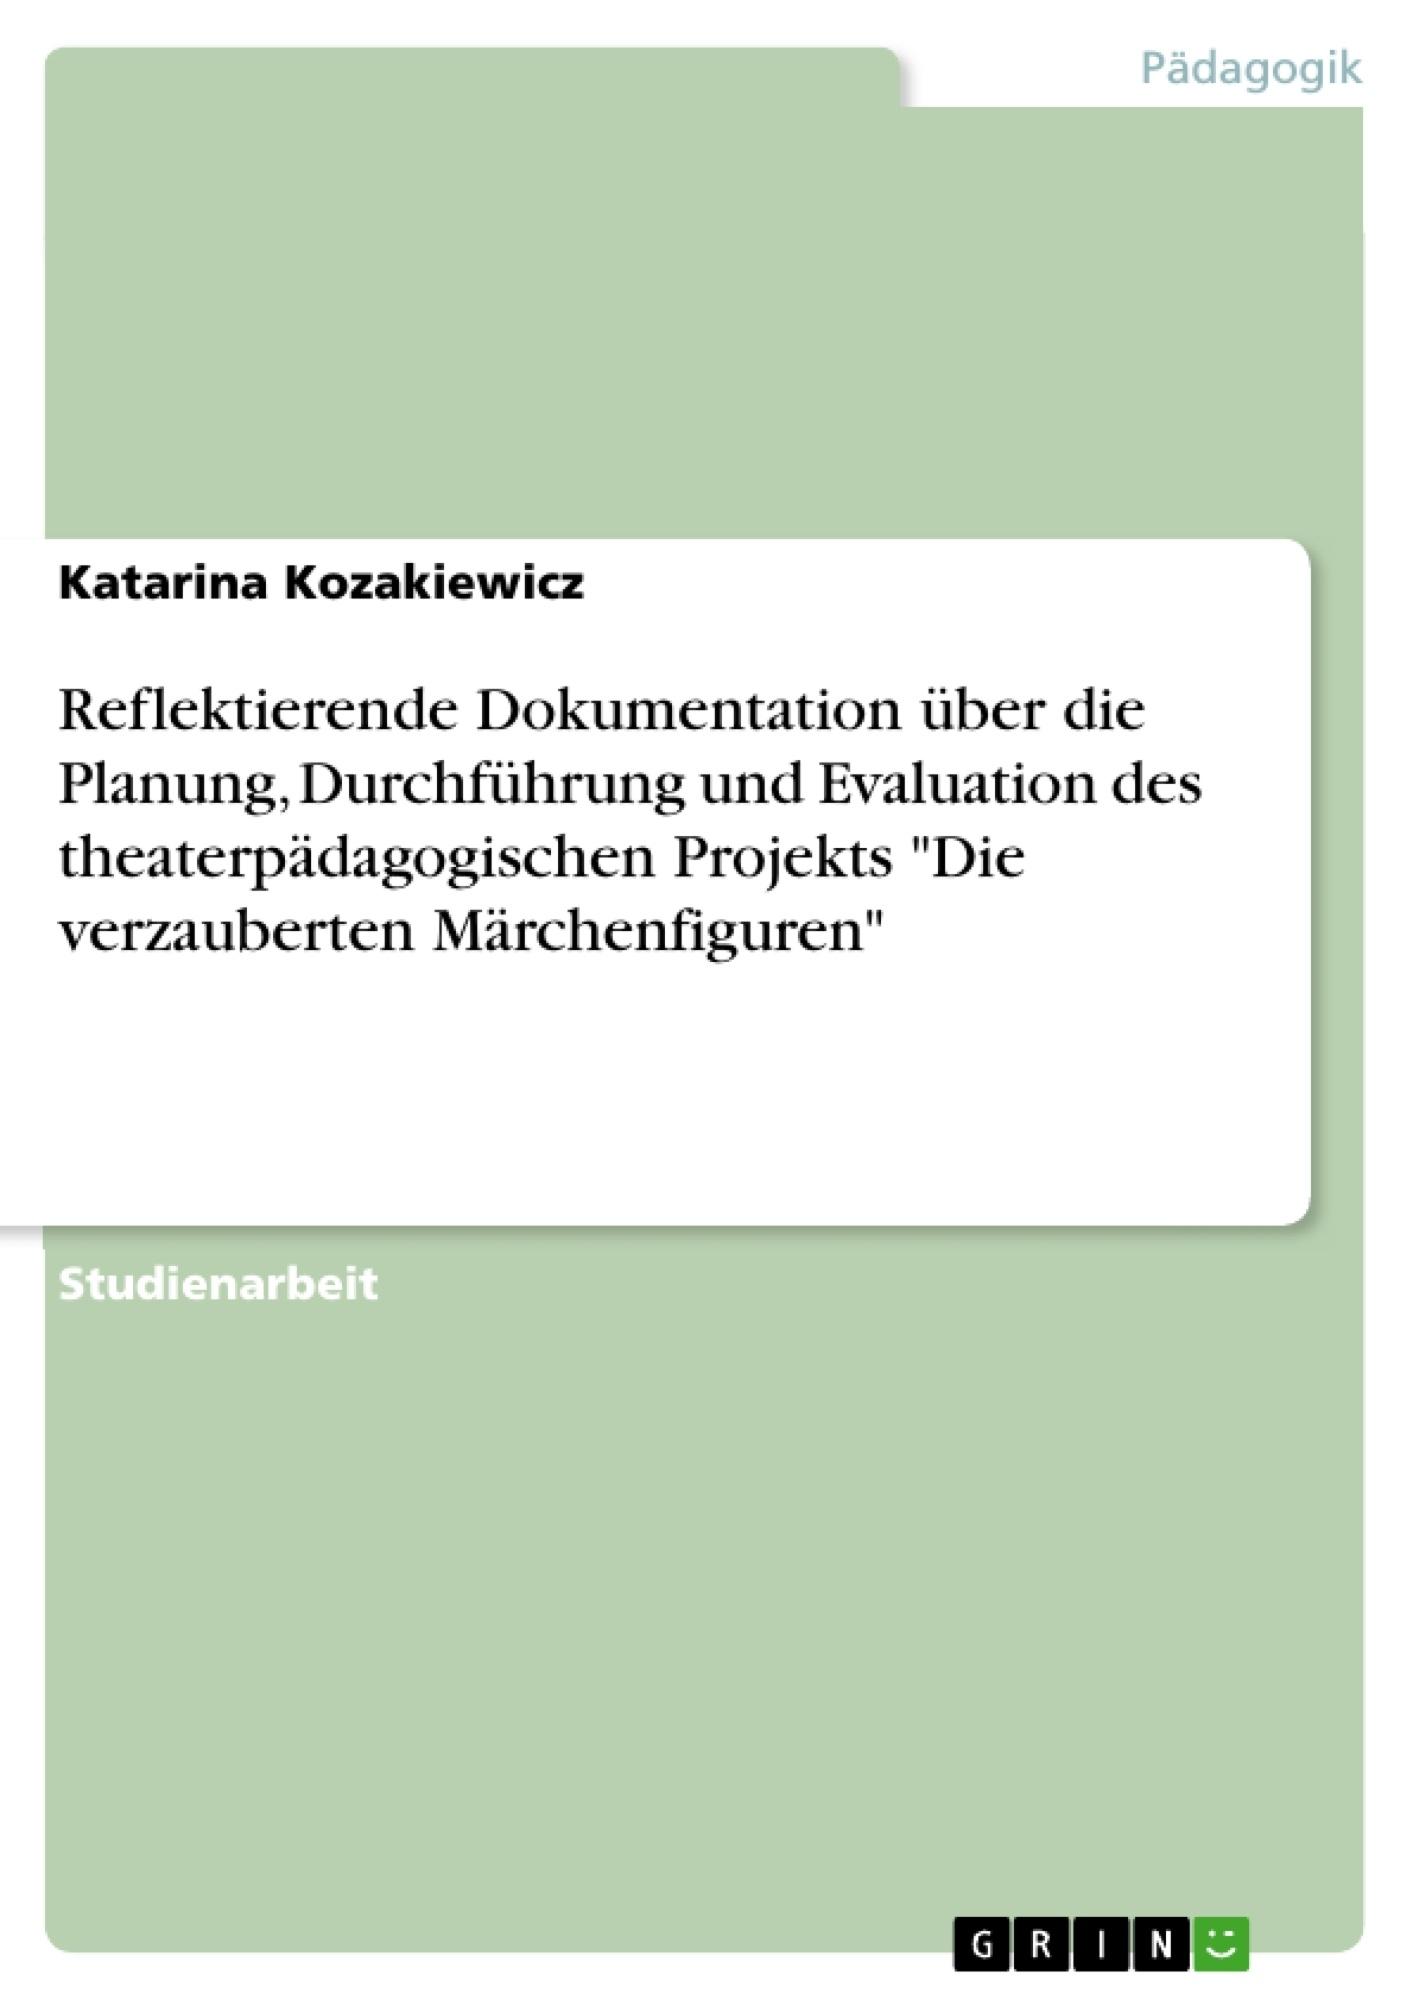 """Titel: Reflektierende Dokumentation über die Planung, Durchführung und Evaluation des theaterpädagogischen Projekts """"Die verzauberten Märchenfiguren"""""""